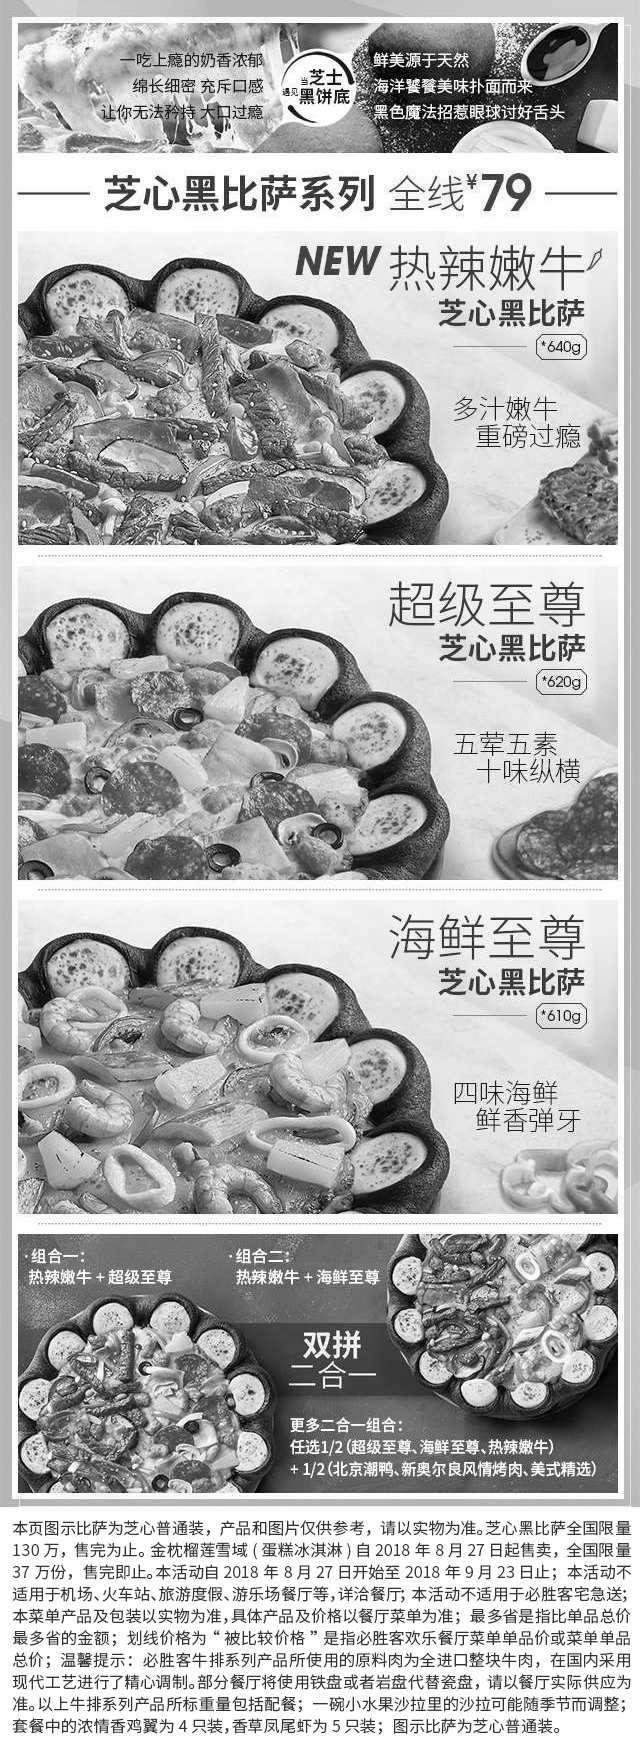 黑白优惠券图片:必胜客芝心黑饼底比萨系列全线79元,热辣嫩牛、超级至尊、海鲜至尊 - www.5ikfc.com